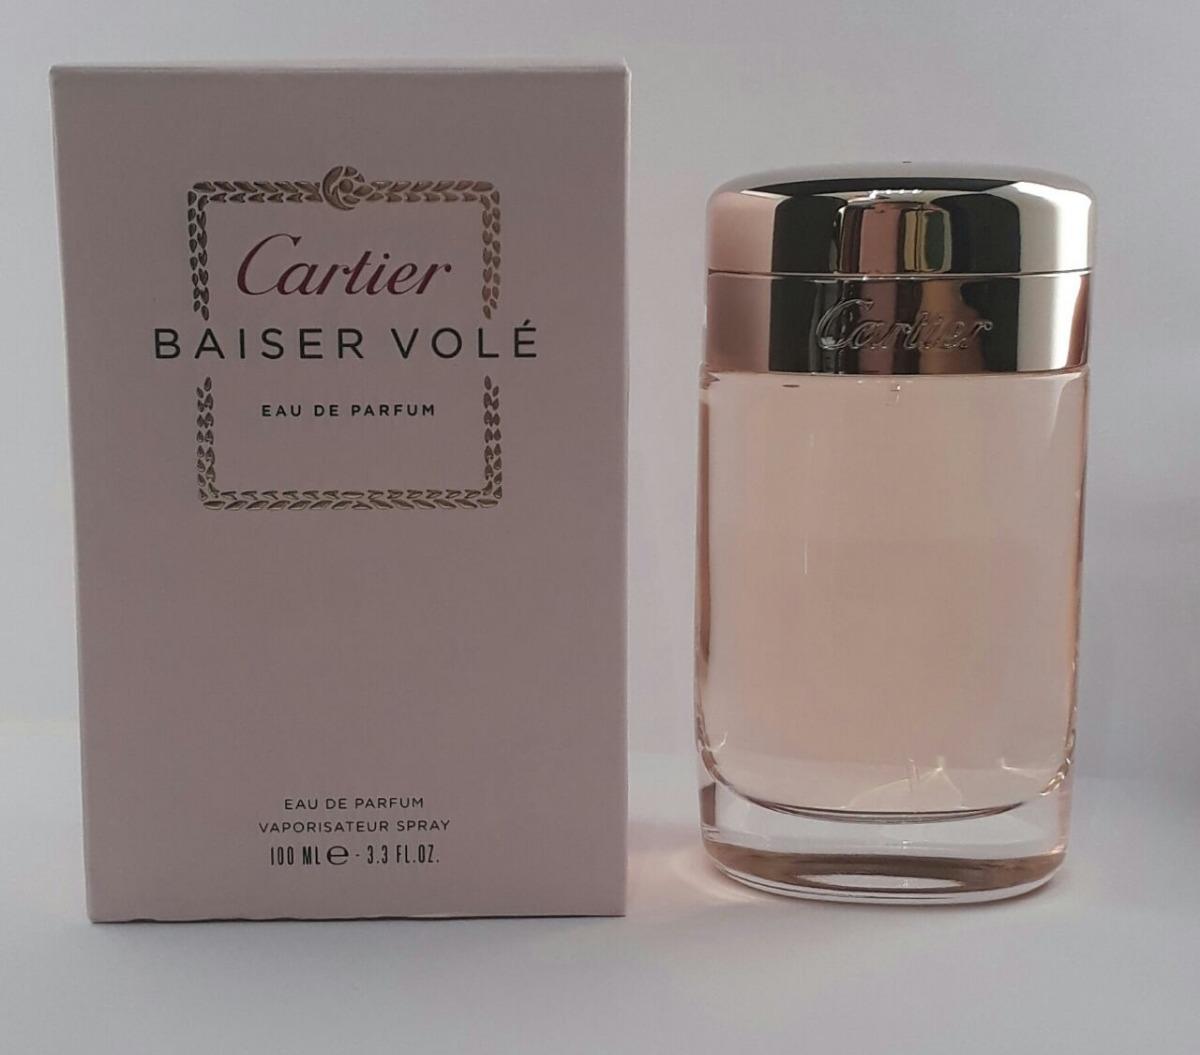 d728a36c015 Características. Marca Cartier  Nome do perfume Baiser Volé  Gênero Feminino   Tipo de perfume Eau de parfum  Volume 100 mL ...